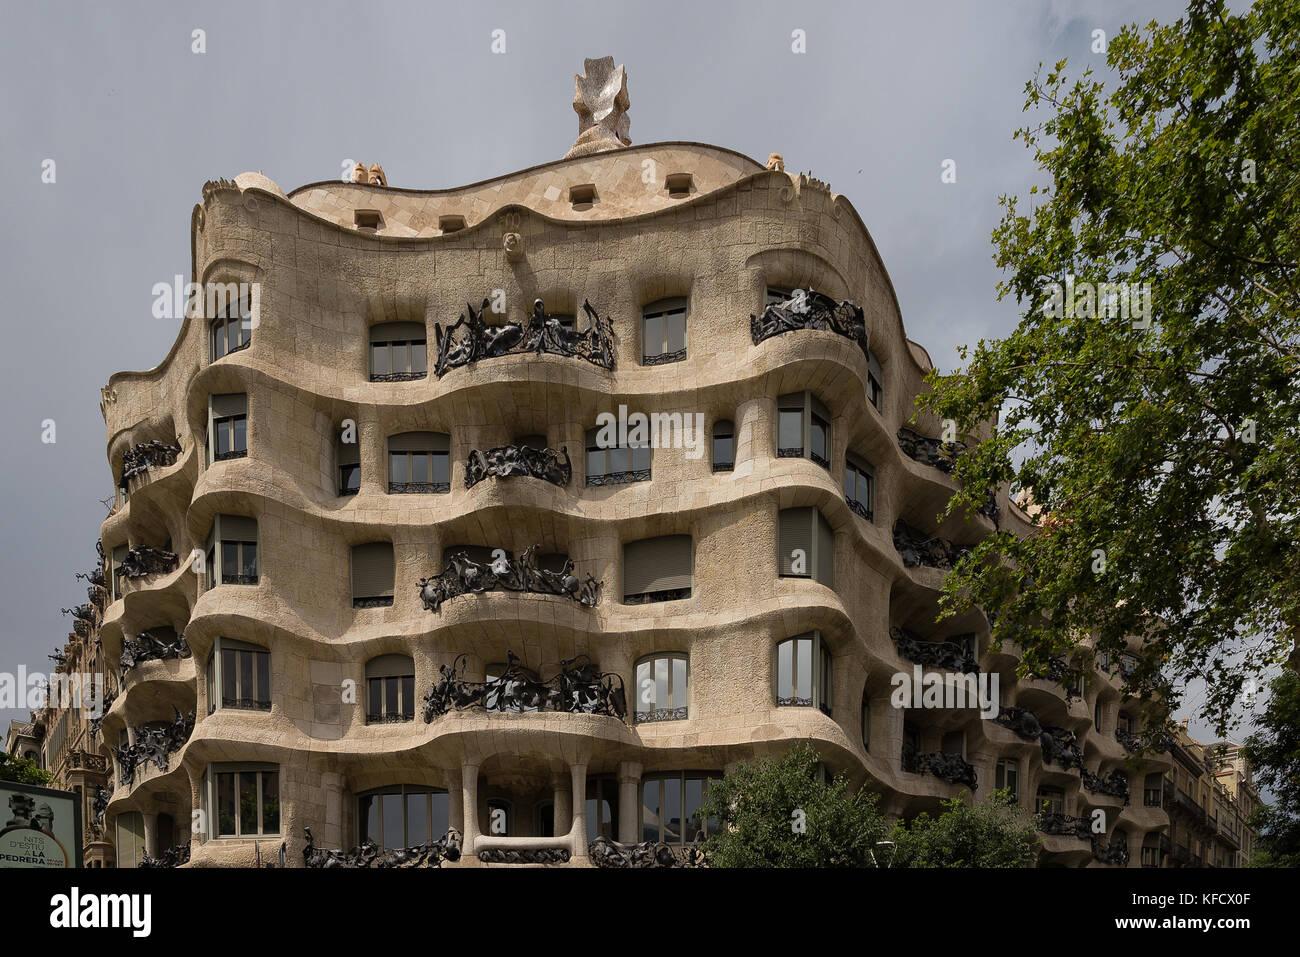 Casa Mila in Barcelona, Spain - Stock Image